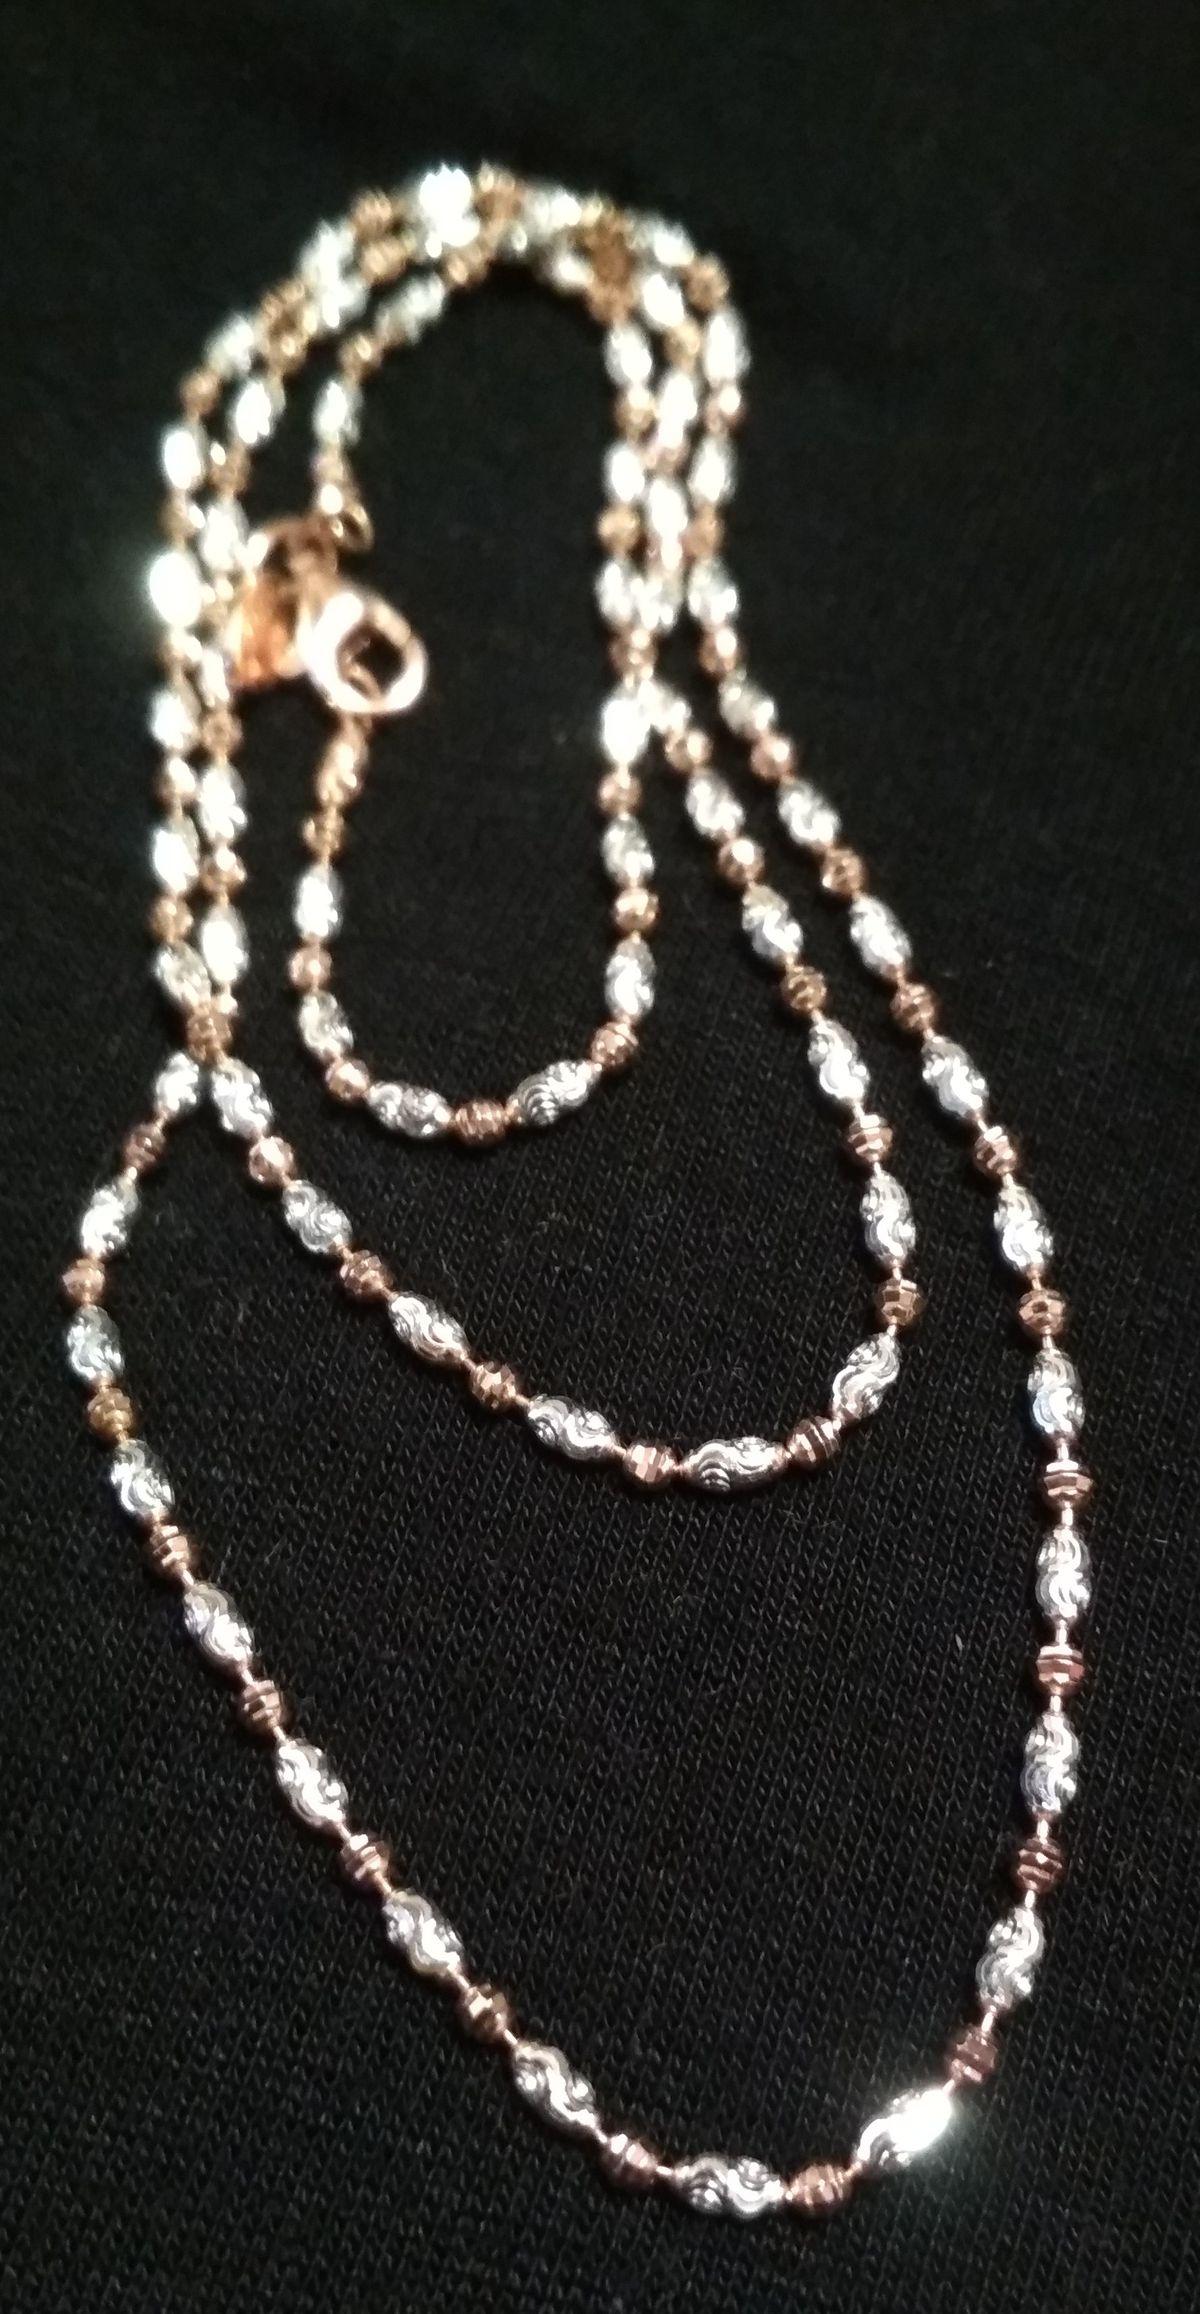 Серебряная цепочка с серебряными и позолоченными бусинками.